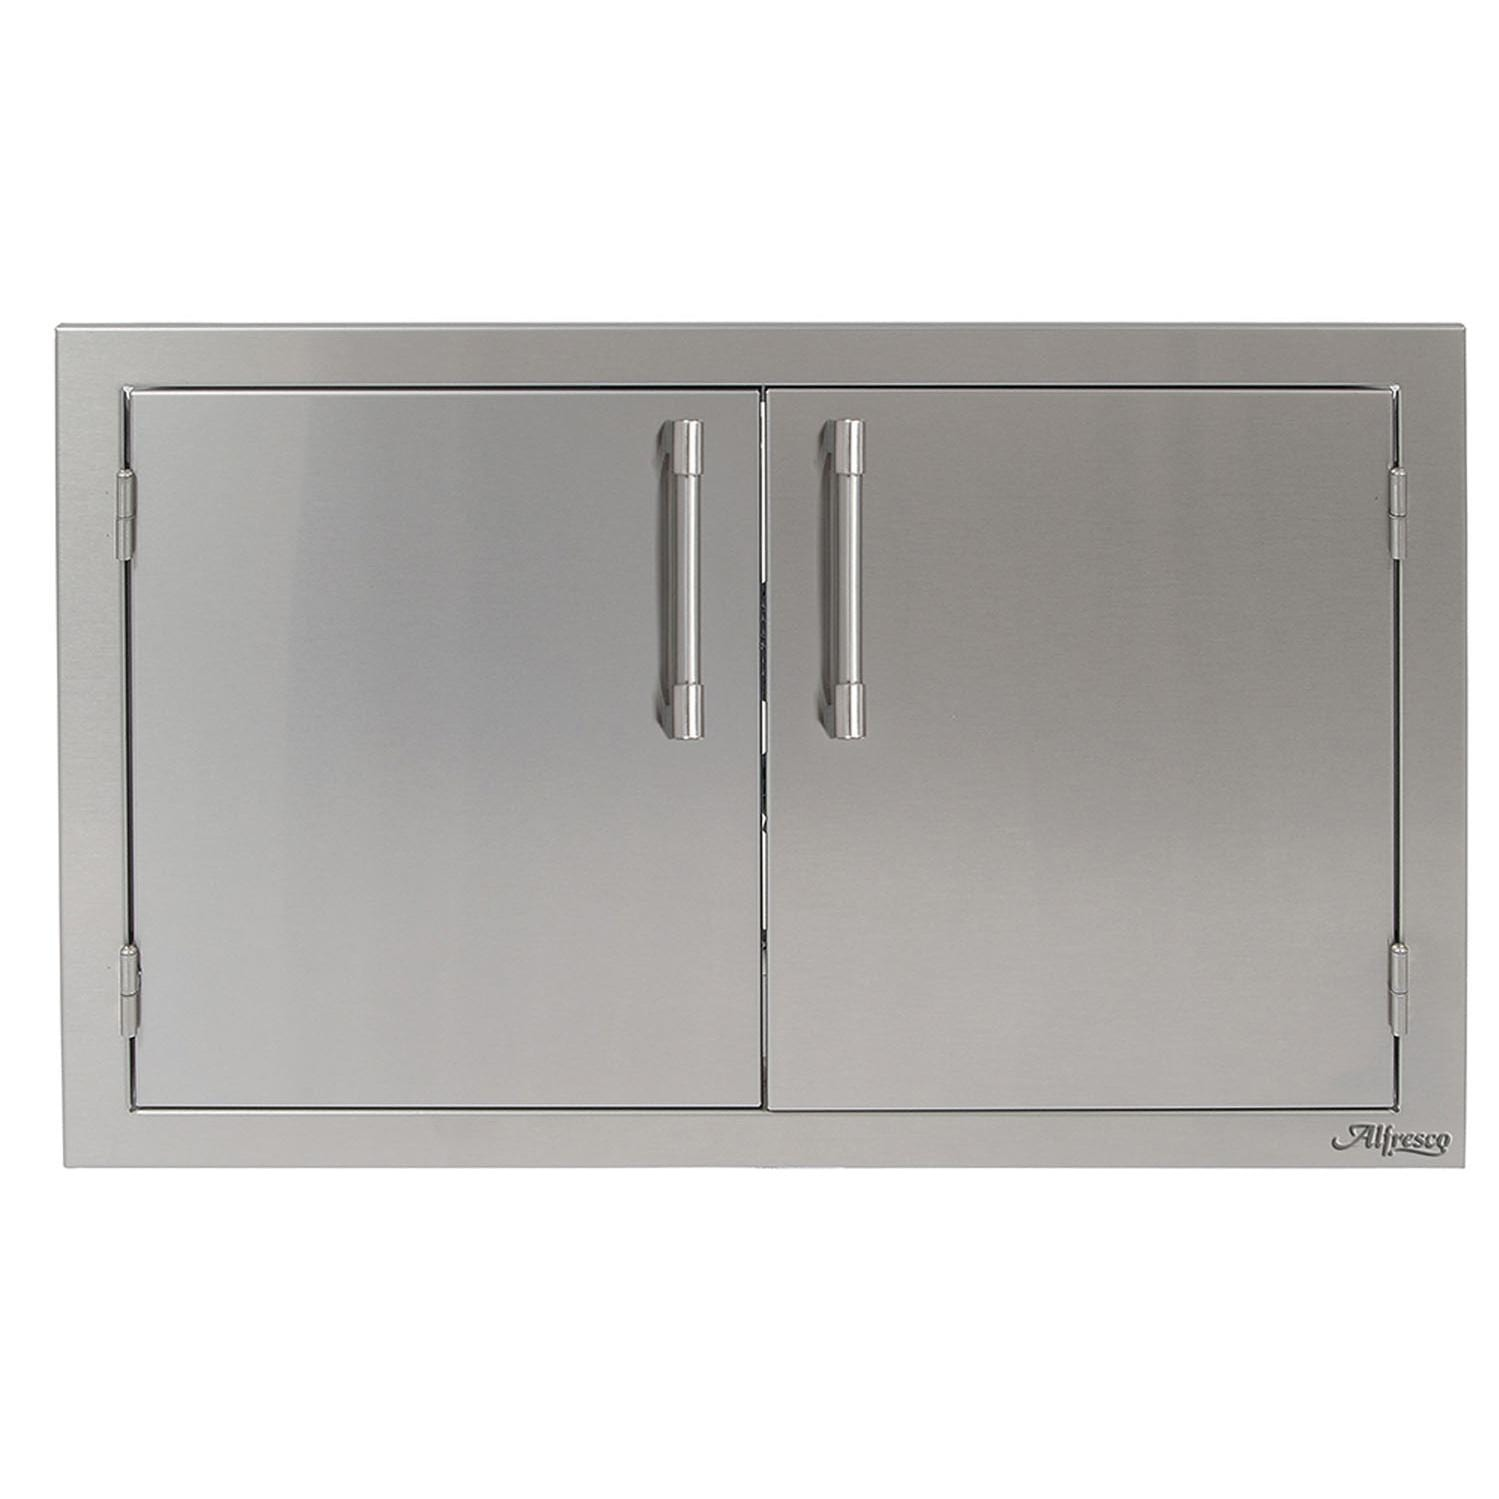 Alfresco 30-Inch Double Access Doors